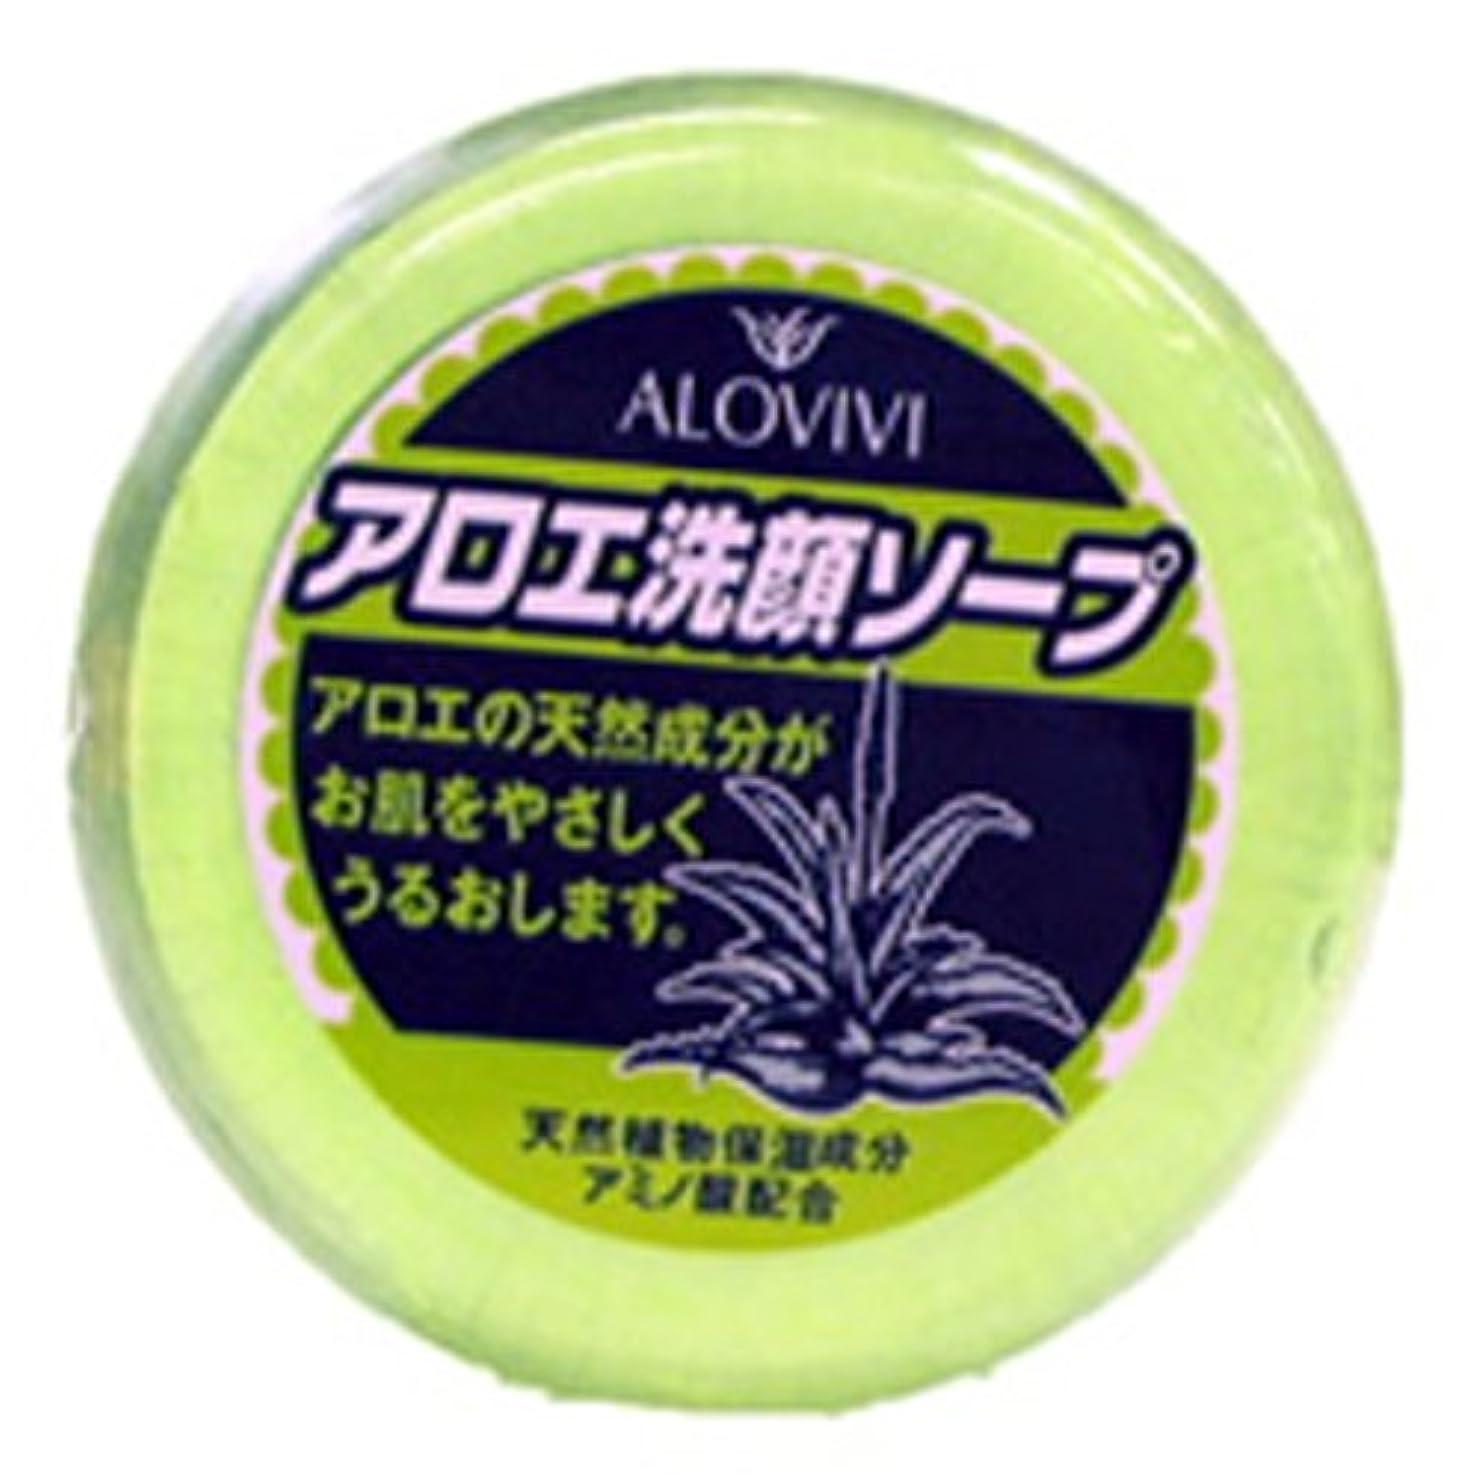 中国文献応じるアロヴィヴィアロエ洗顔ソープ 100g